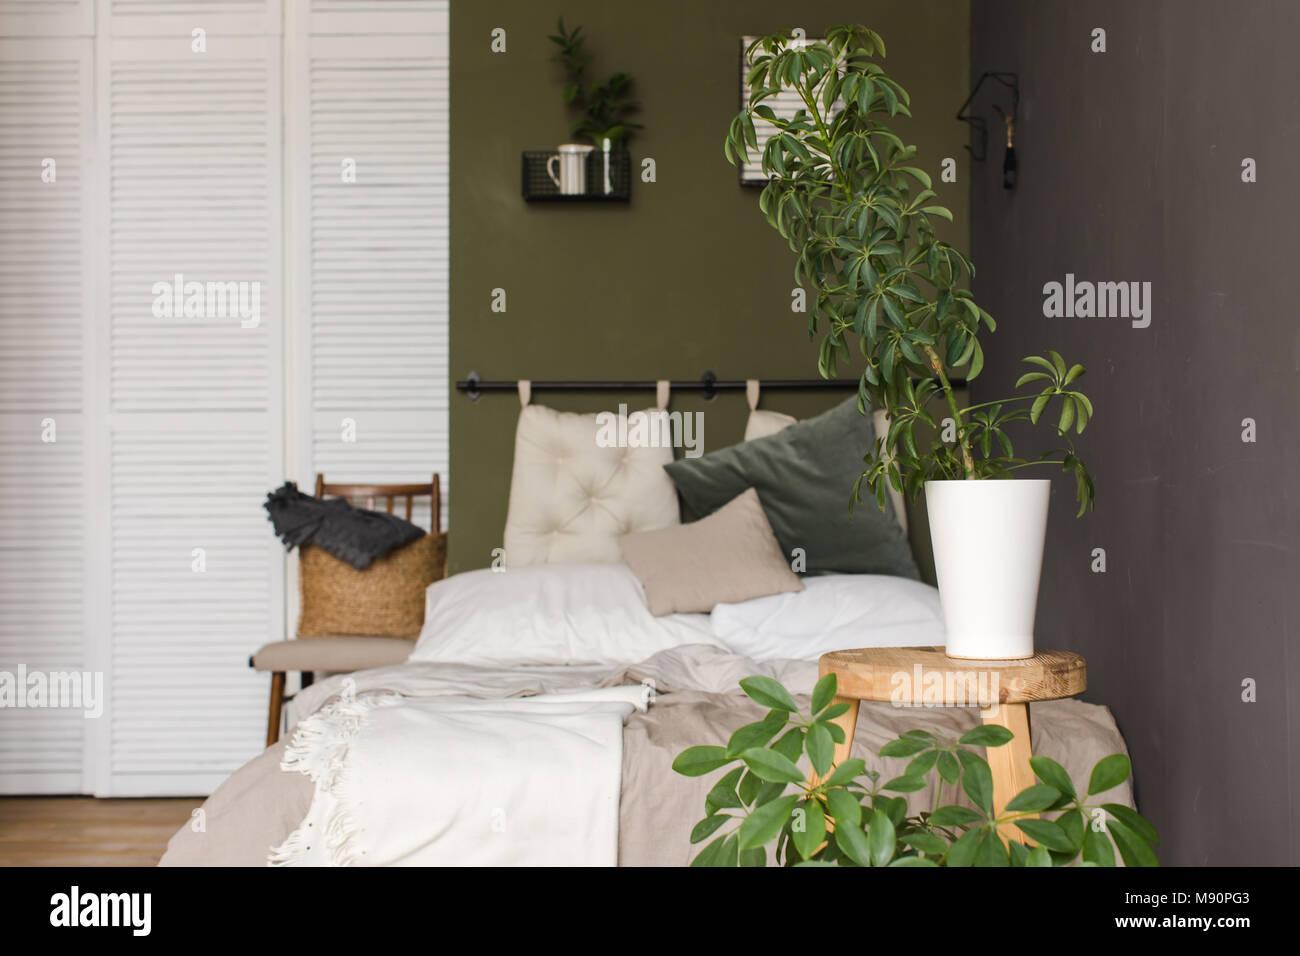 Pflanzen in Töpfen auf einem hölzernen Hocker Schlafzimmer Stockfoto ...